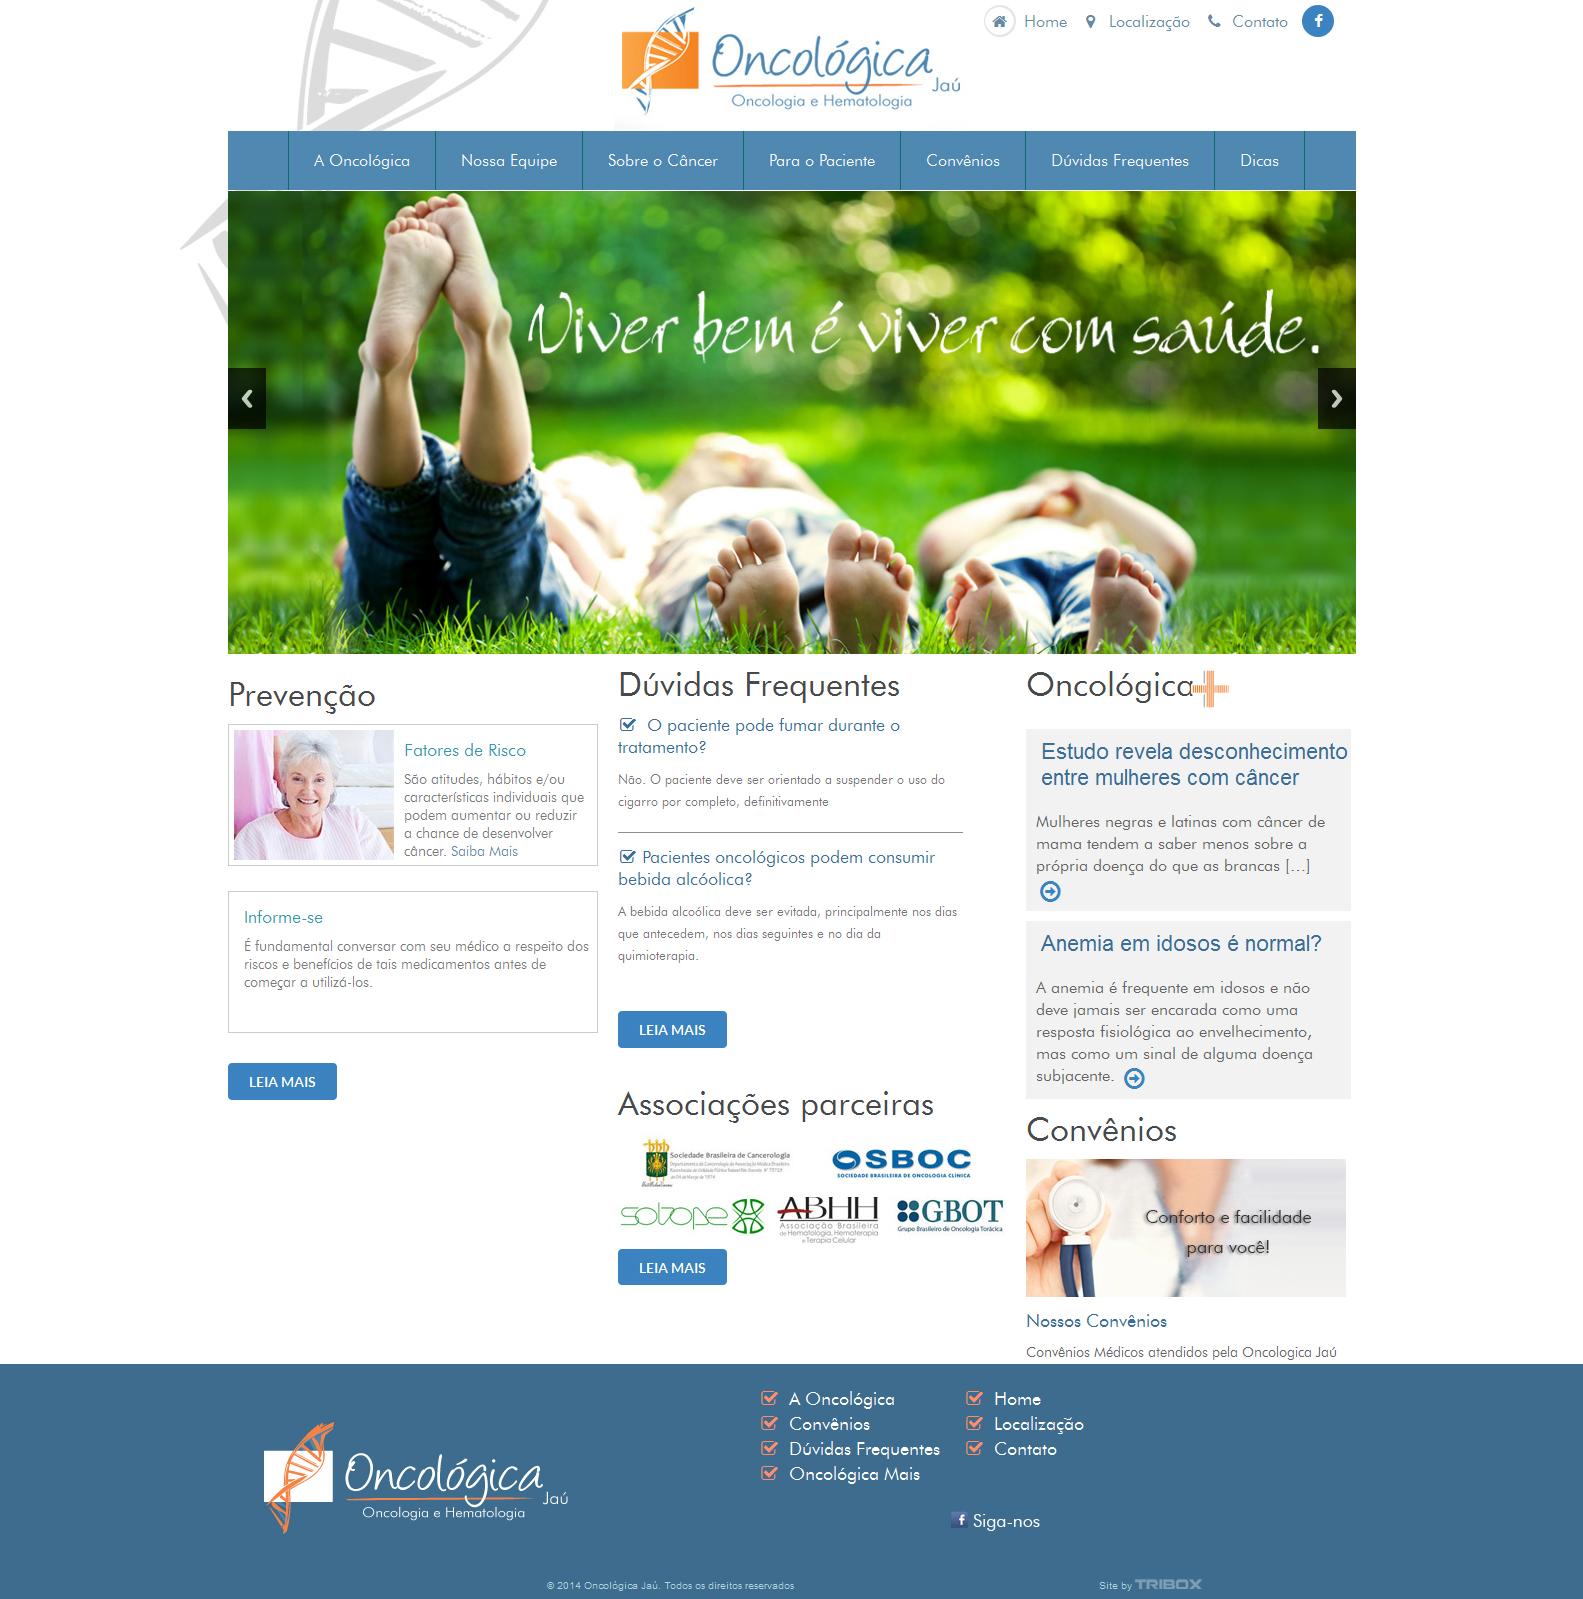 f1bb9d9a6 Oncologica-1 - Tribox | Criação Desenvolvimento sites e plataforma vendas  online em Jaú